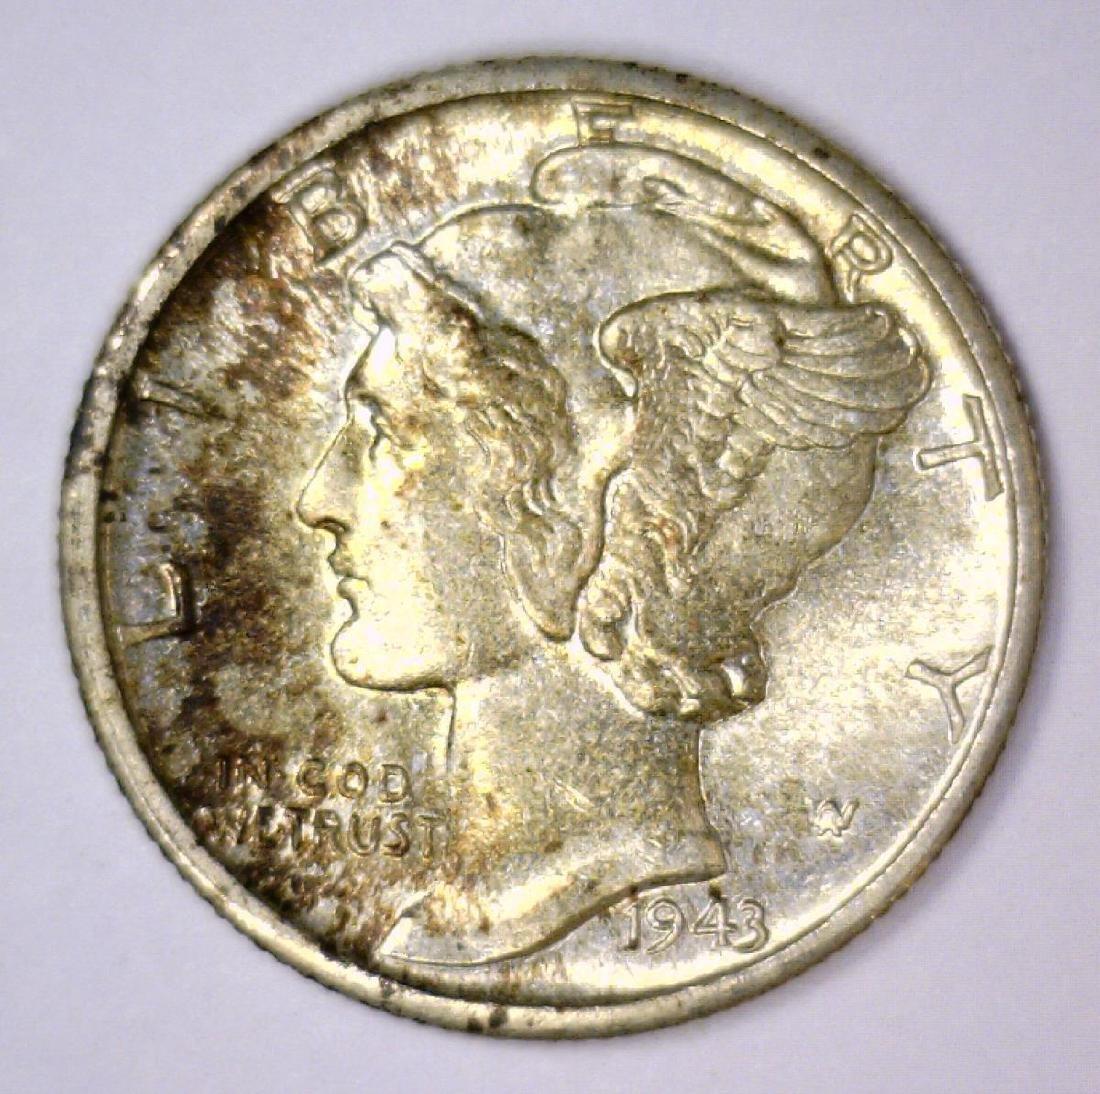 1943-D Mercury Silver Dime Uncirculated BU